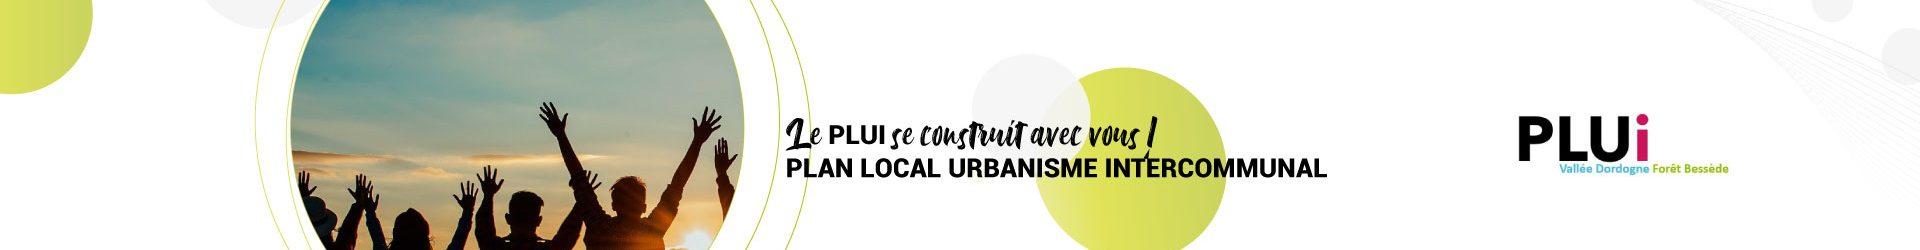 Le document d'urbanisme de la communauté de communes (PLUi) se construit avec vous !